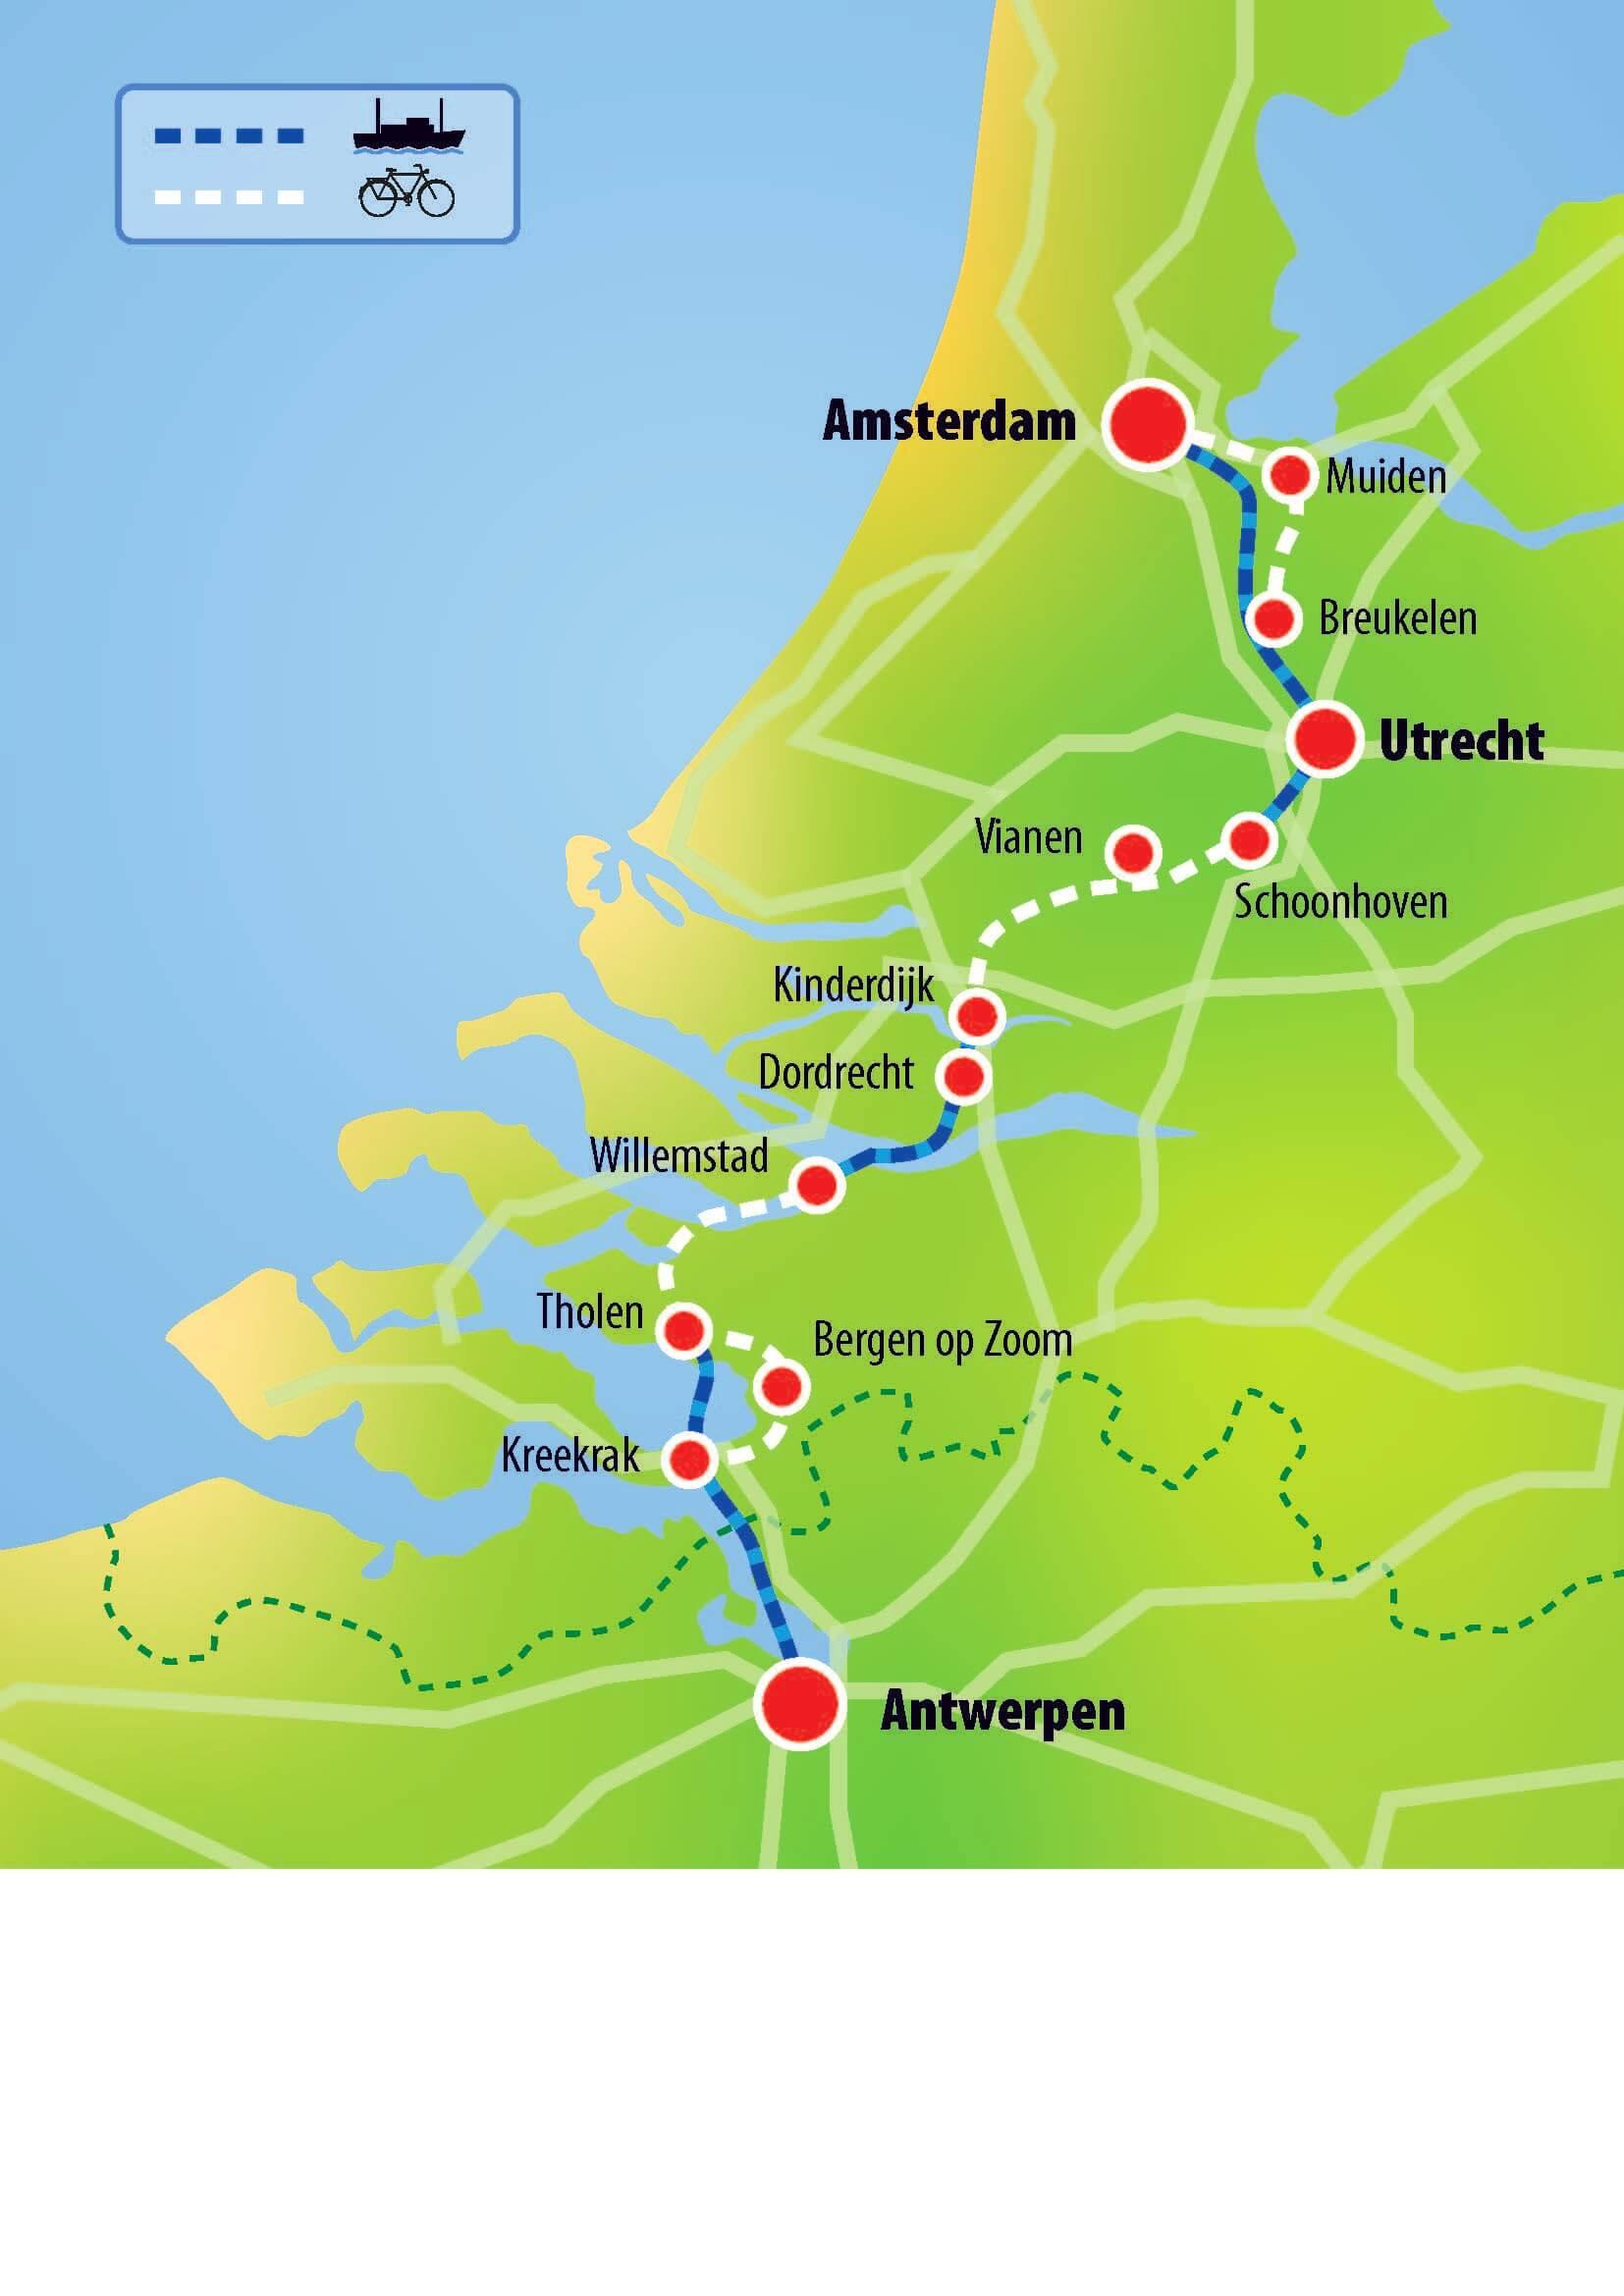 Amsterdam Antwerpen